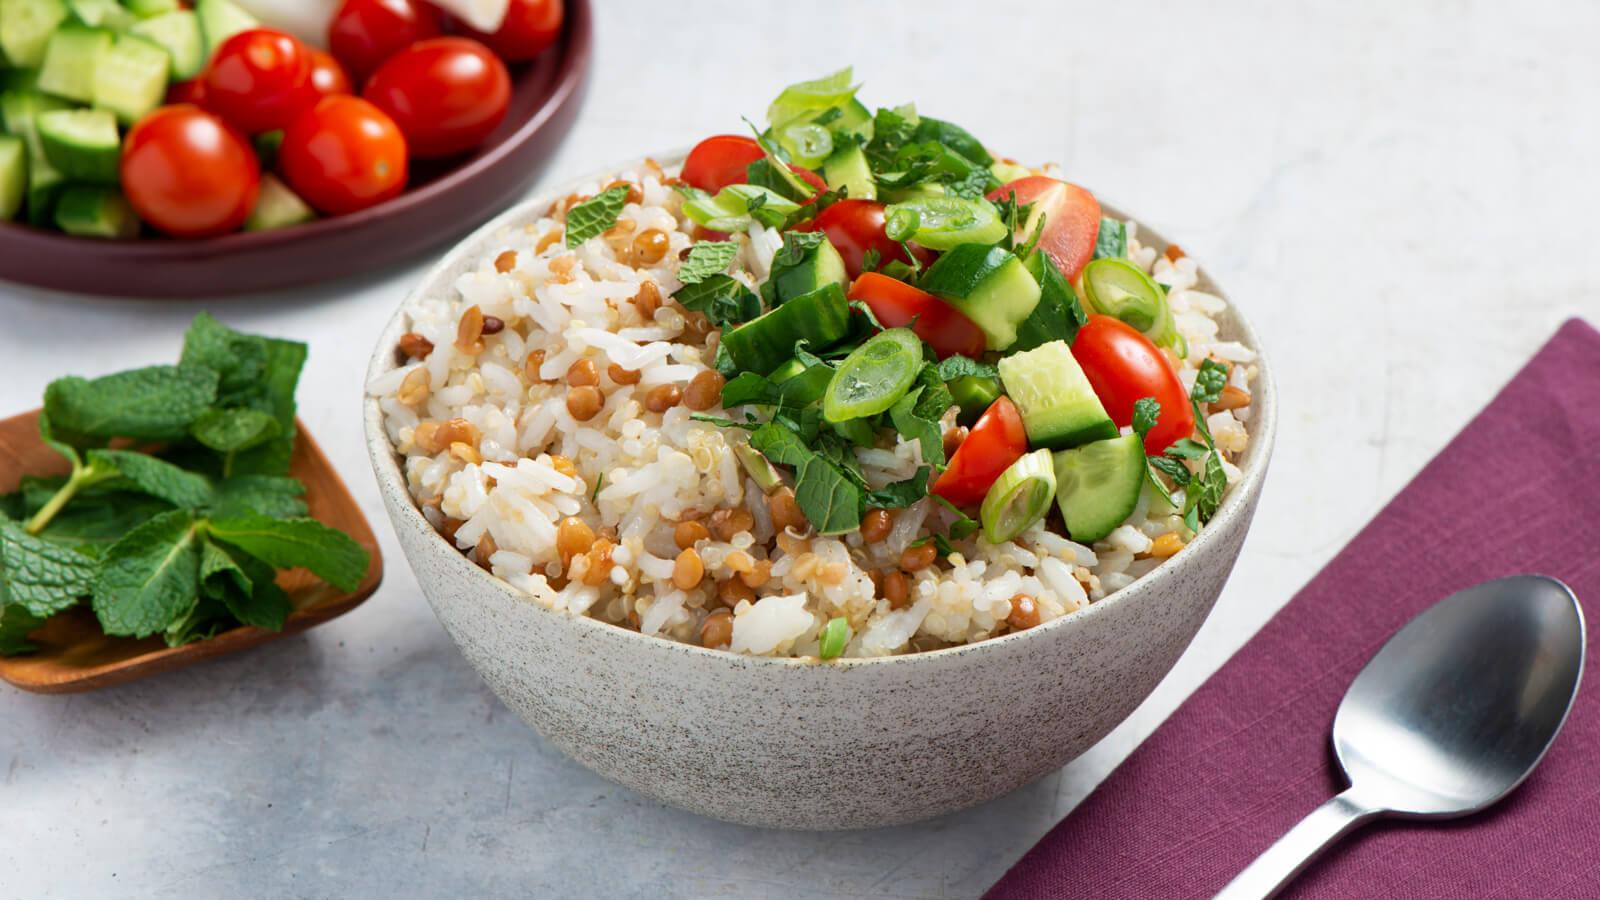 Tabulé de lentejas con arroz jazmín y quinoa